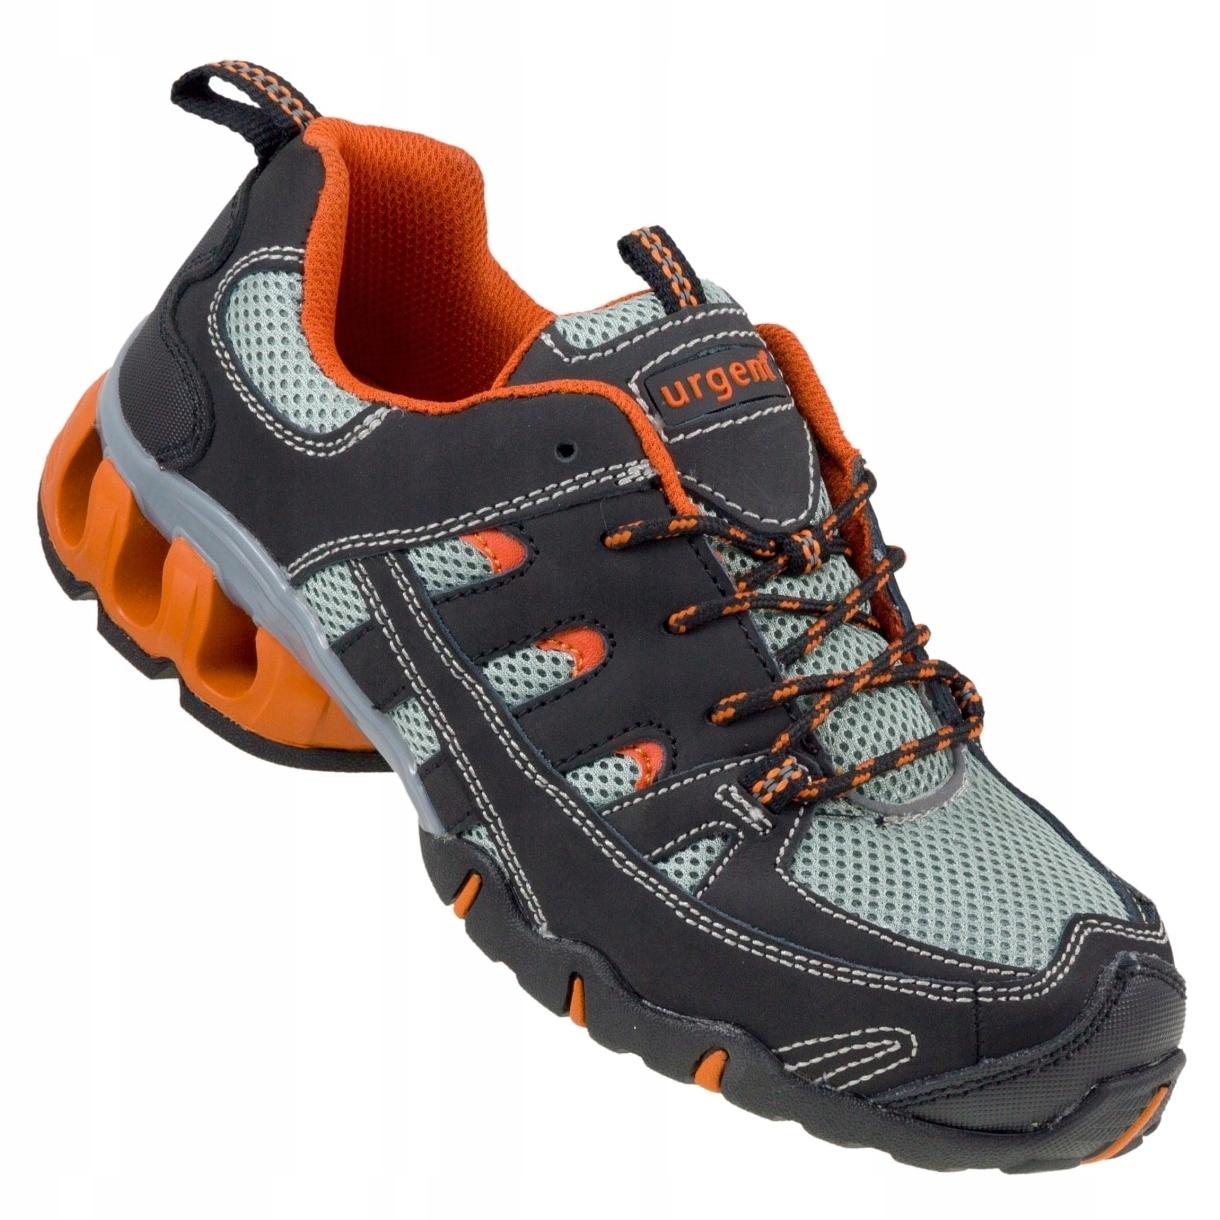 Urg 215 S1 супер легкие обувь разм. 42